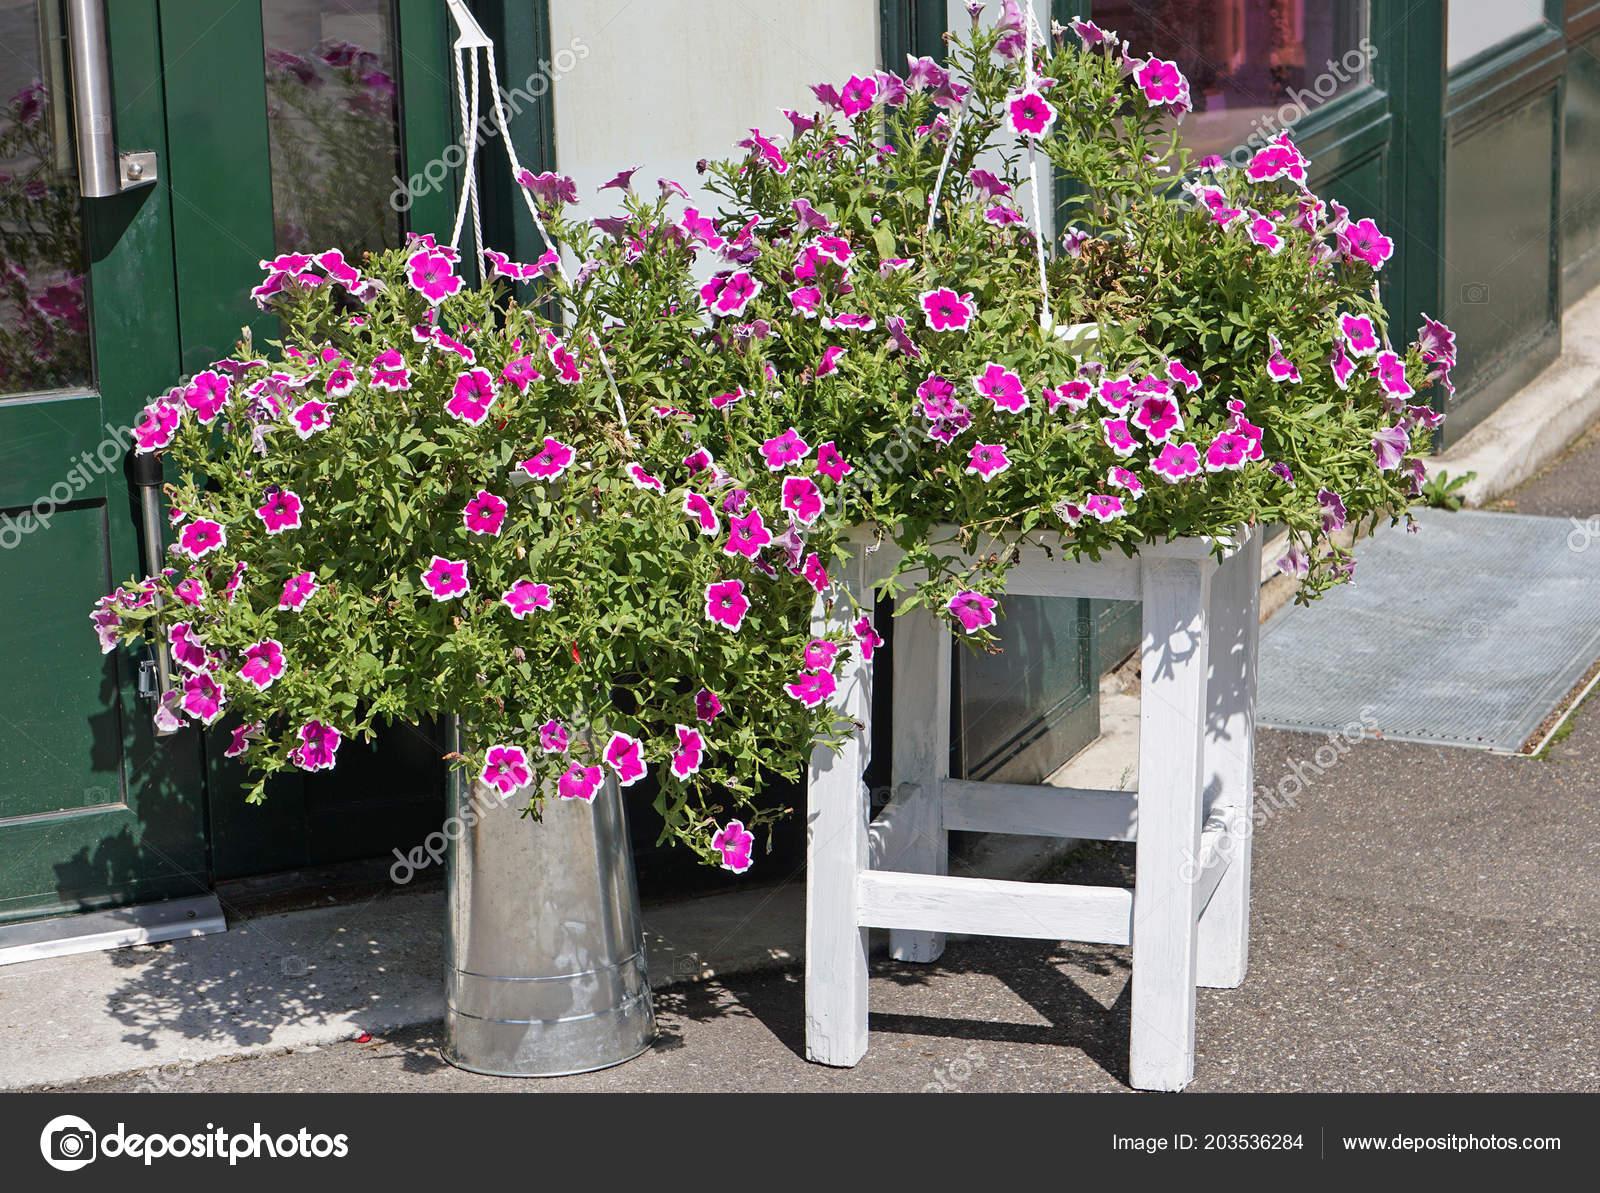 Fiori viola all aperto uno sgabello u foto stock majorosl